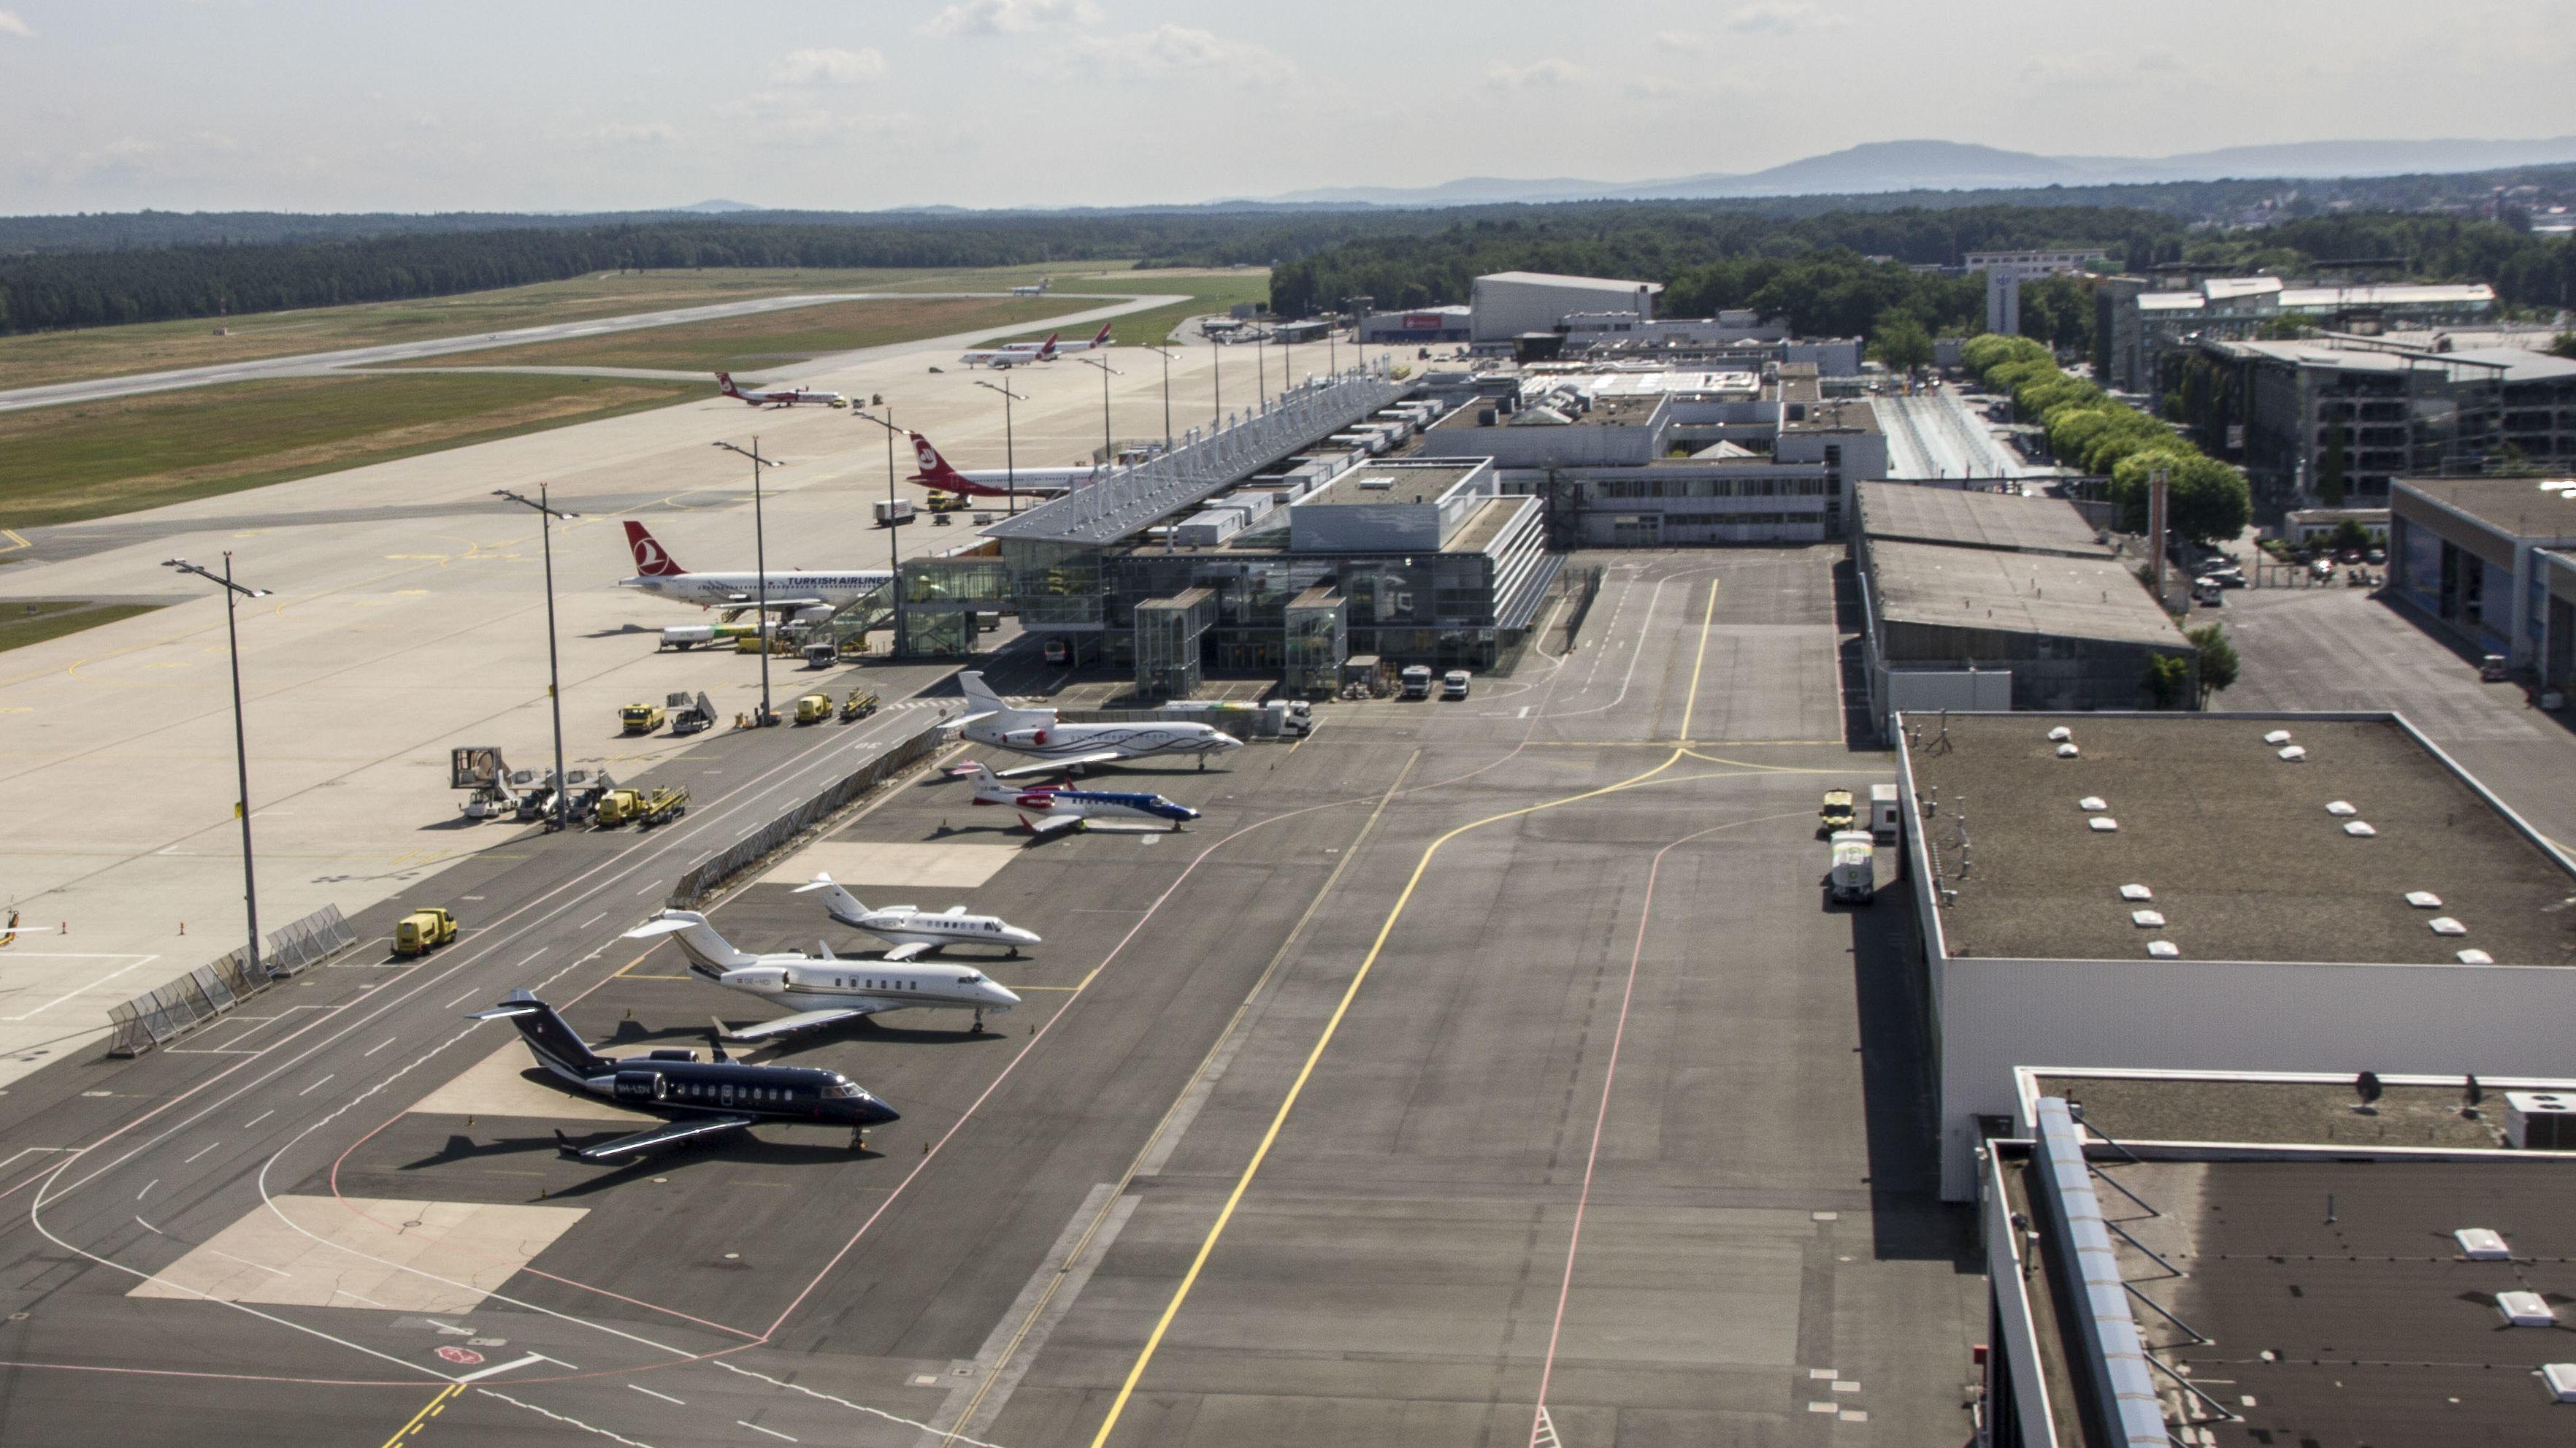 Mehrere Flugzeuge stehen neben dem Rollfeld am Nürnberger Flughafen